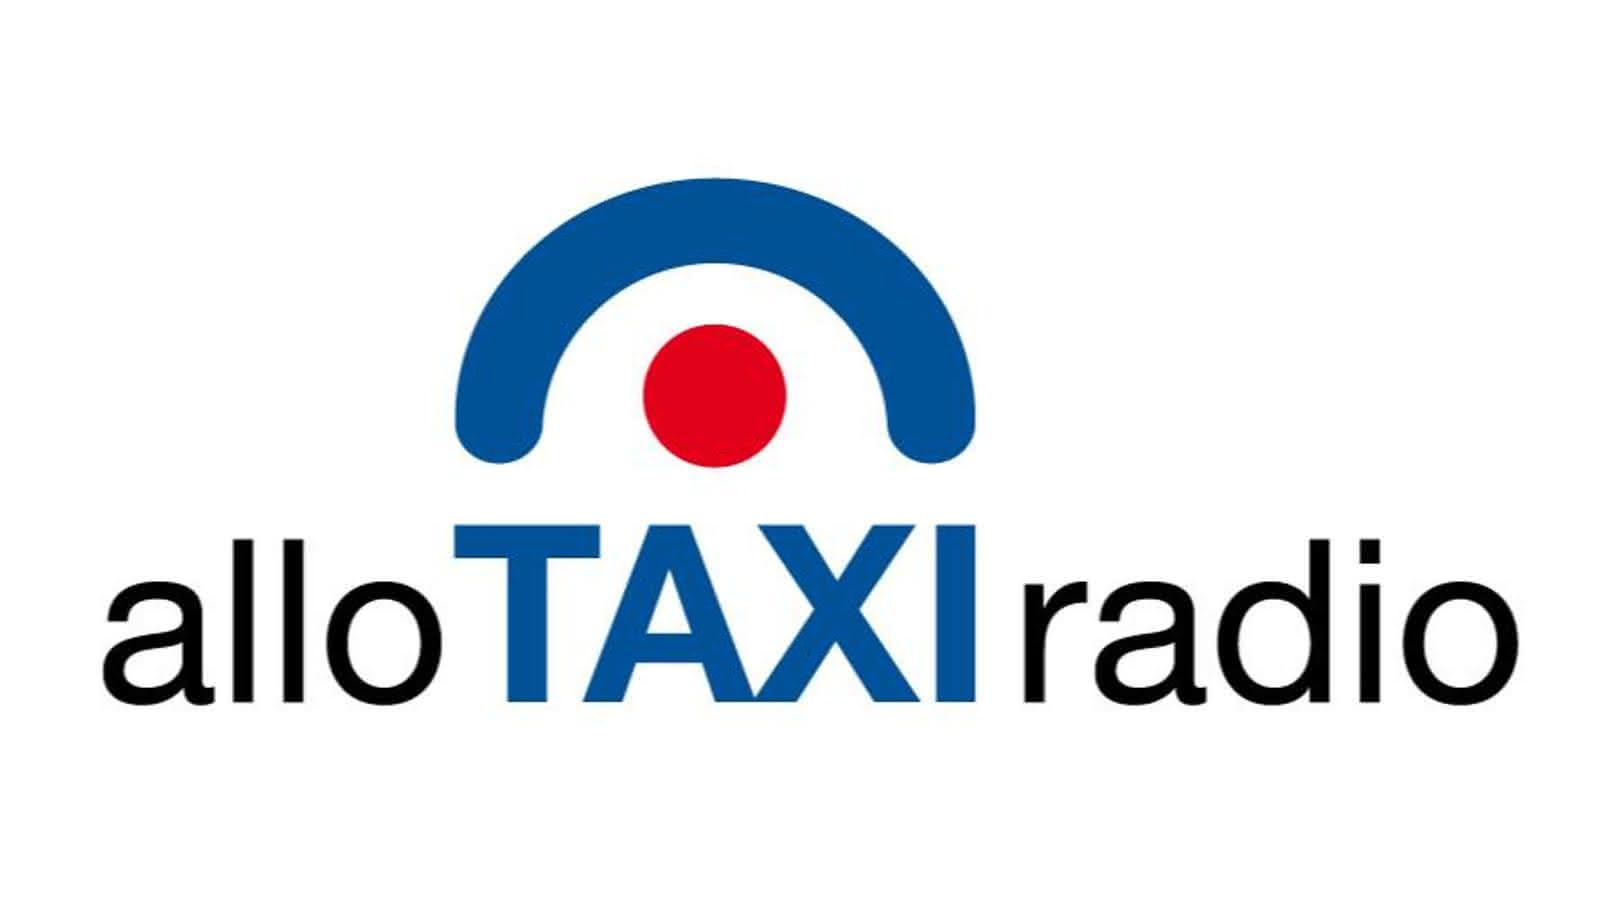 © Allo Taxi Radio